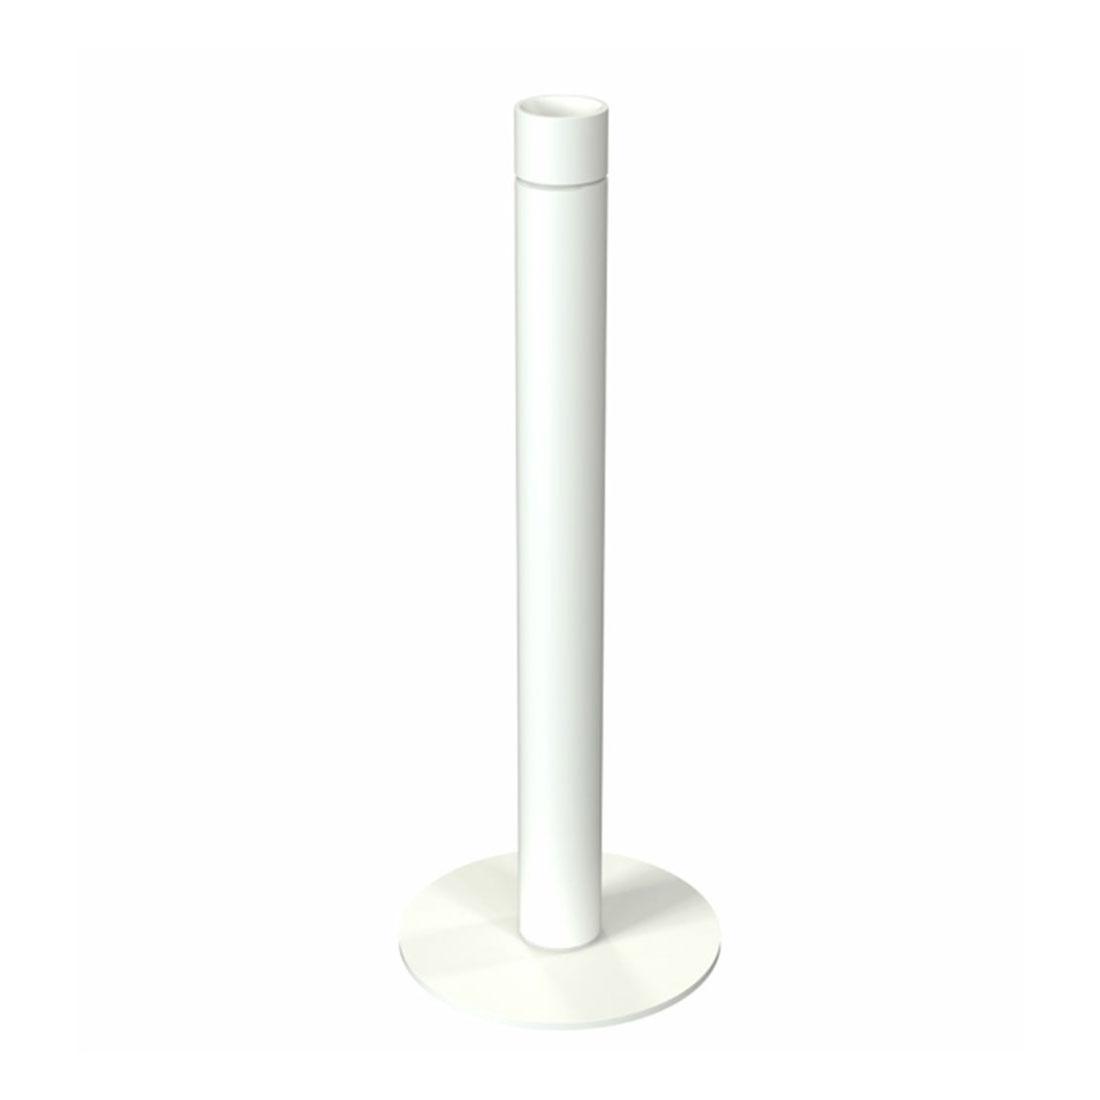 FROST - Küchenrollenhalter - weiß/H 32|5cm / Ø 12cm | Küche und Esszimmer > Küchen-Zubehör > Halter und Haken | Weiß | Edelstahl | FROST